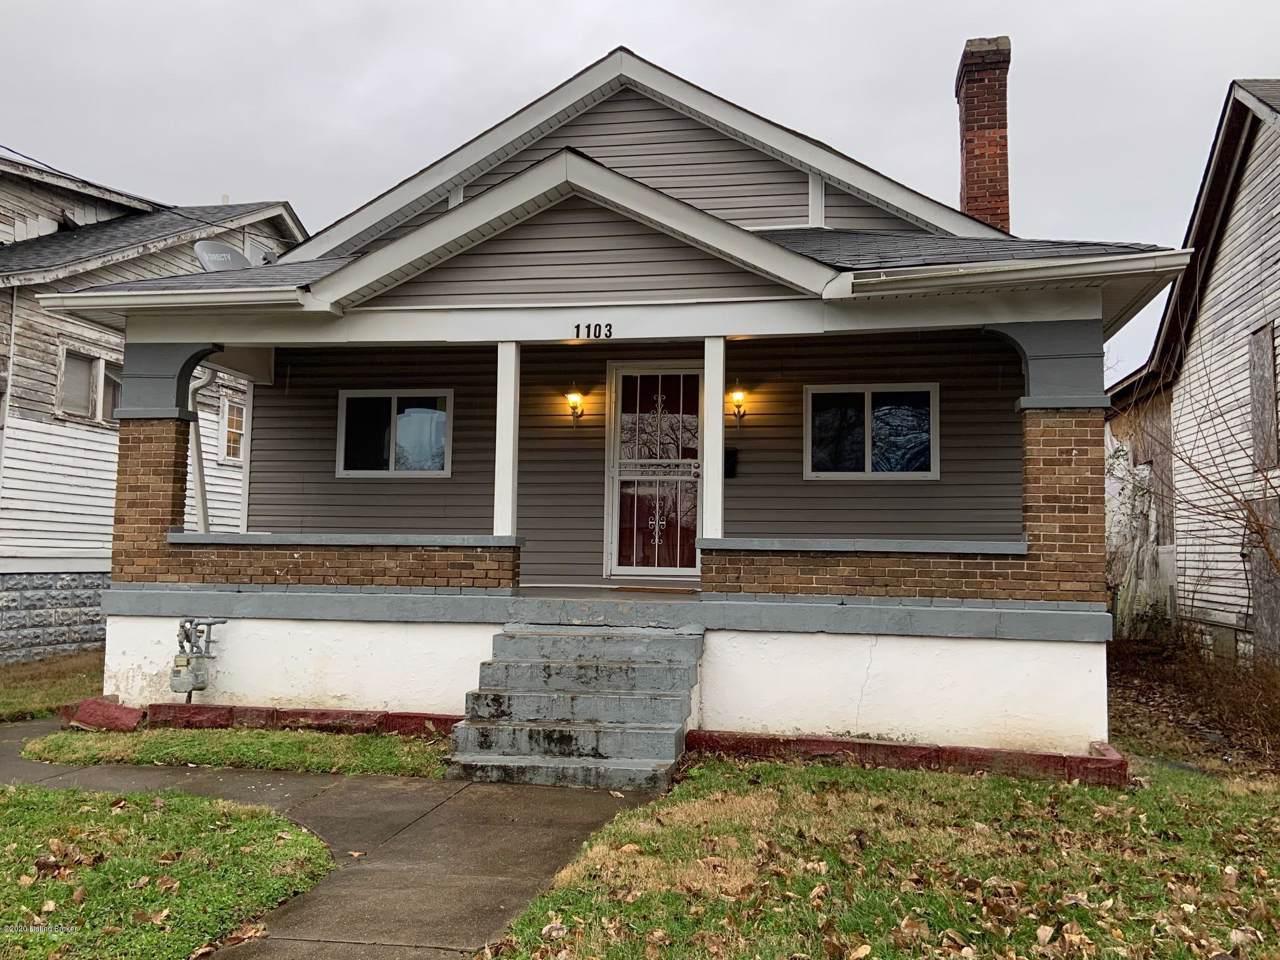 1103 Cecil Ave - Photo 1